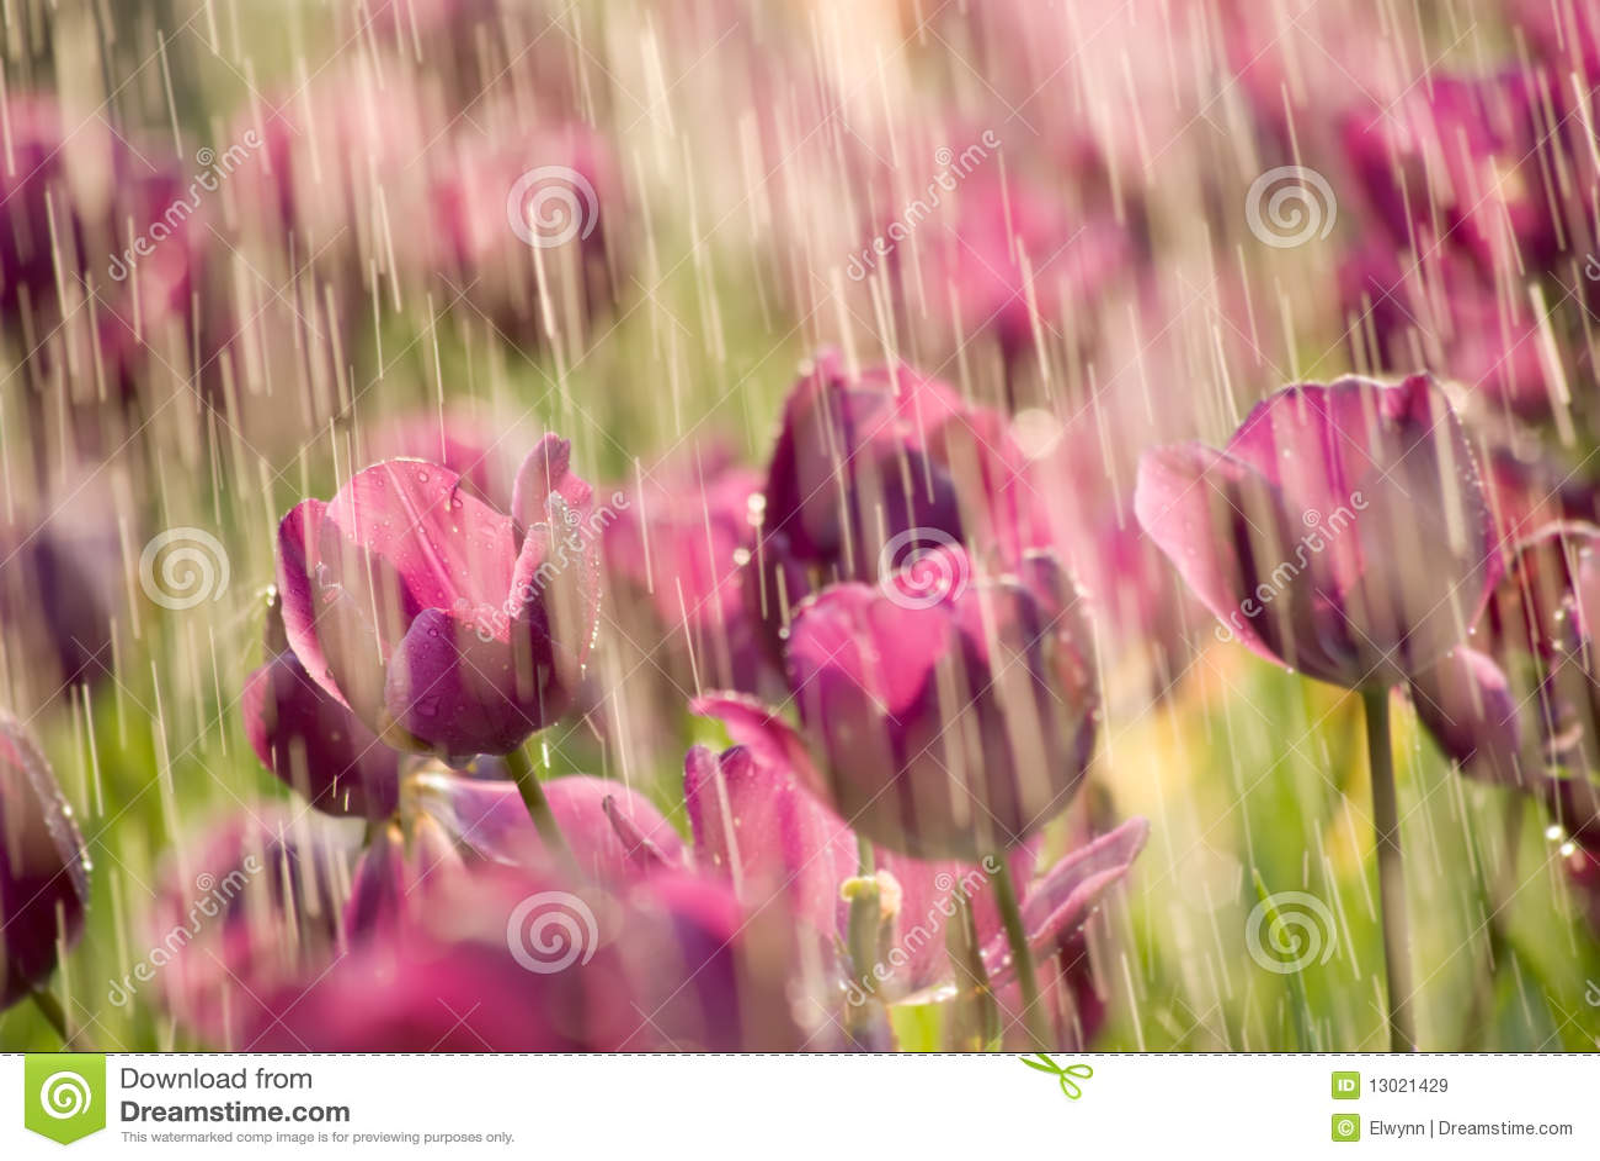 Pluie de tulipe